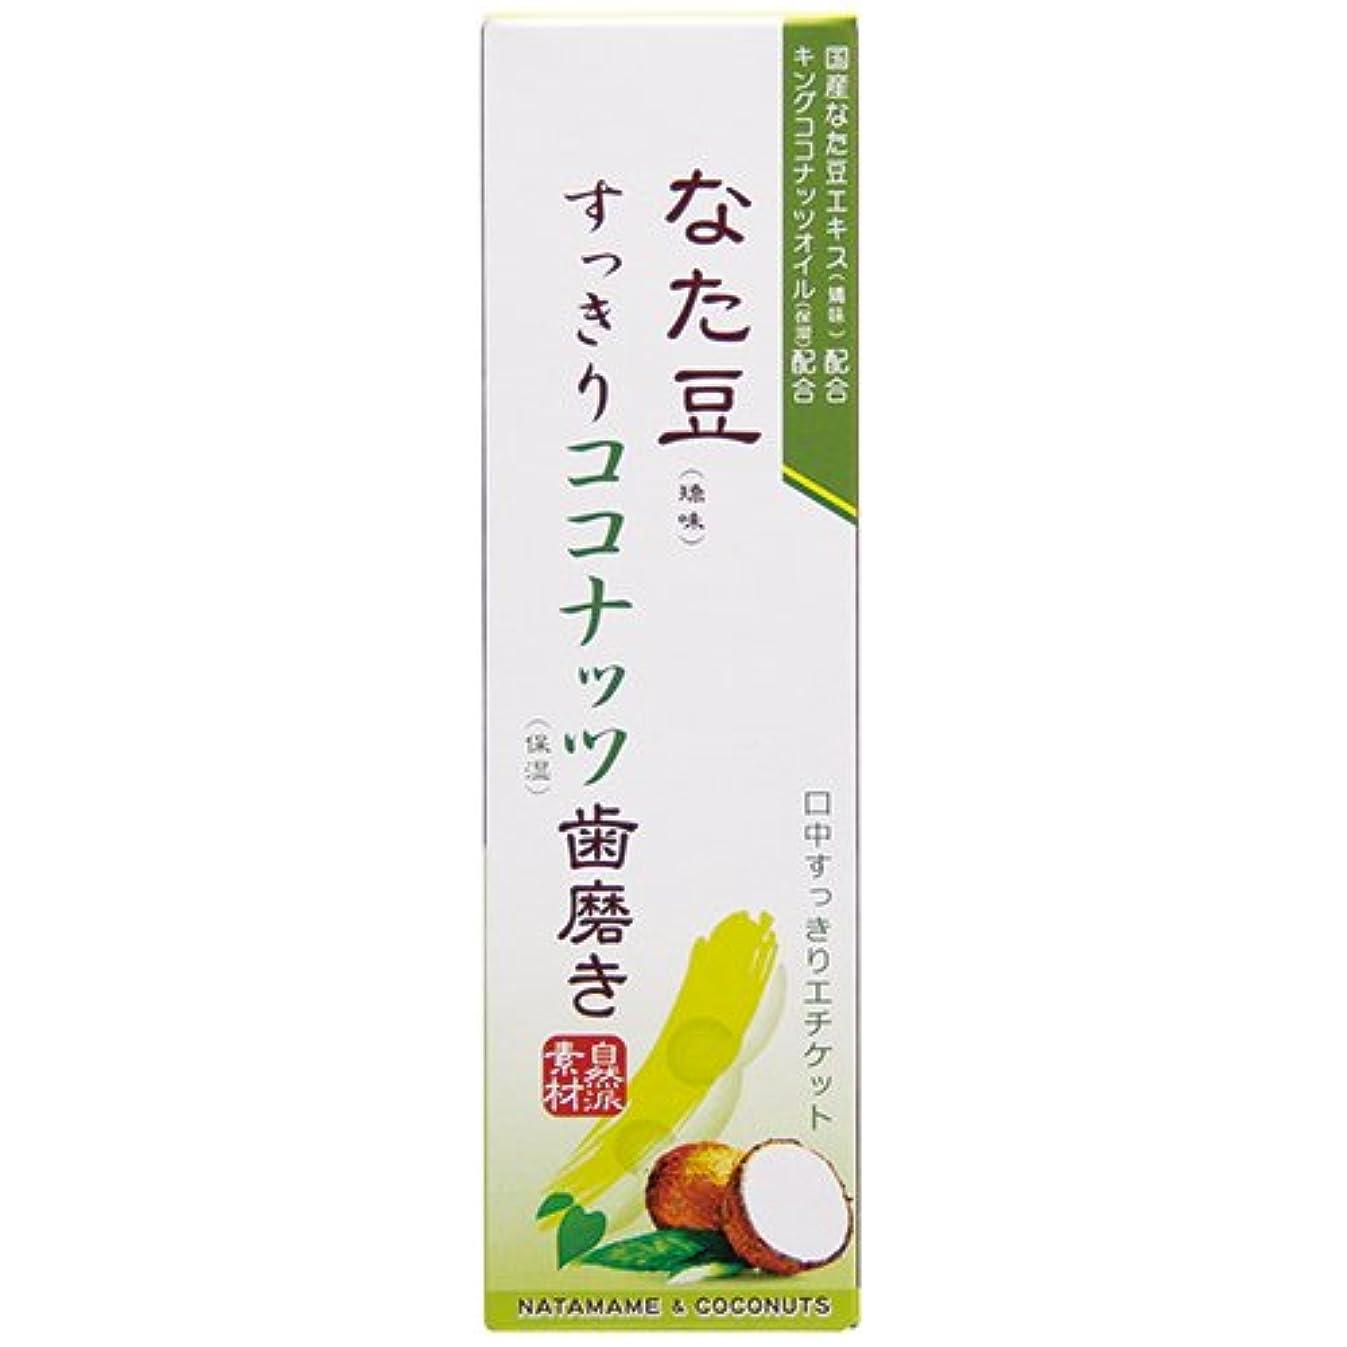 レルムファッション名前なた豆すっきり ココナッツ歯磨き